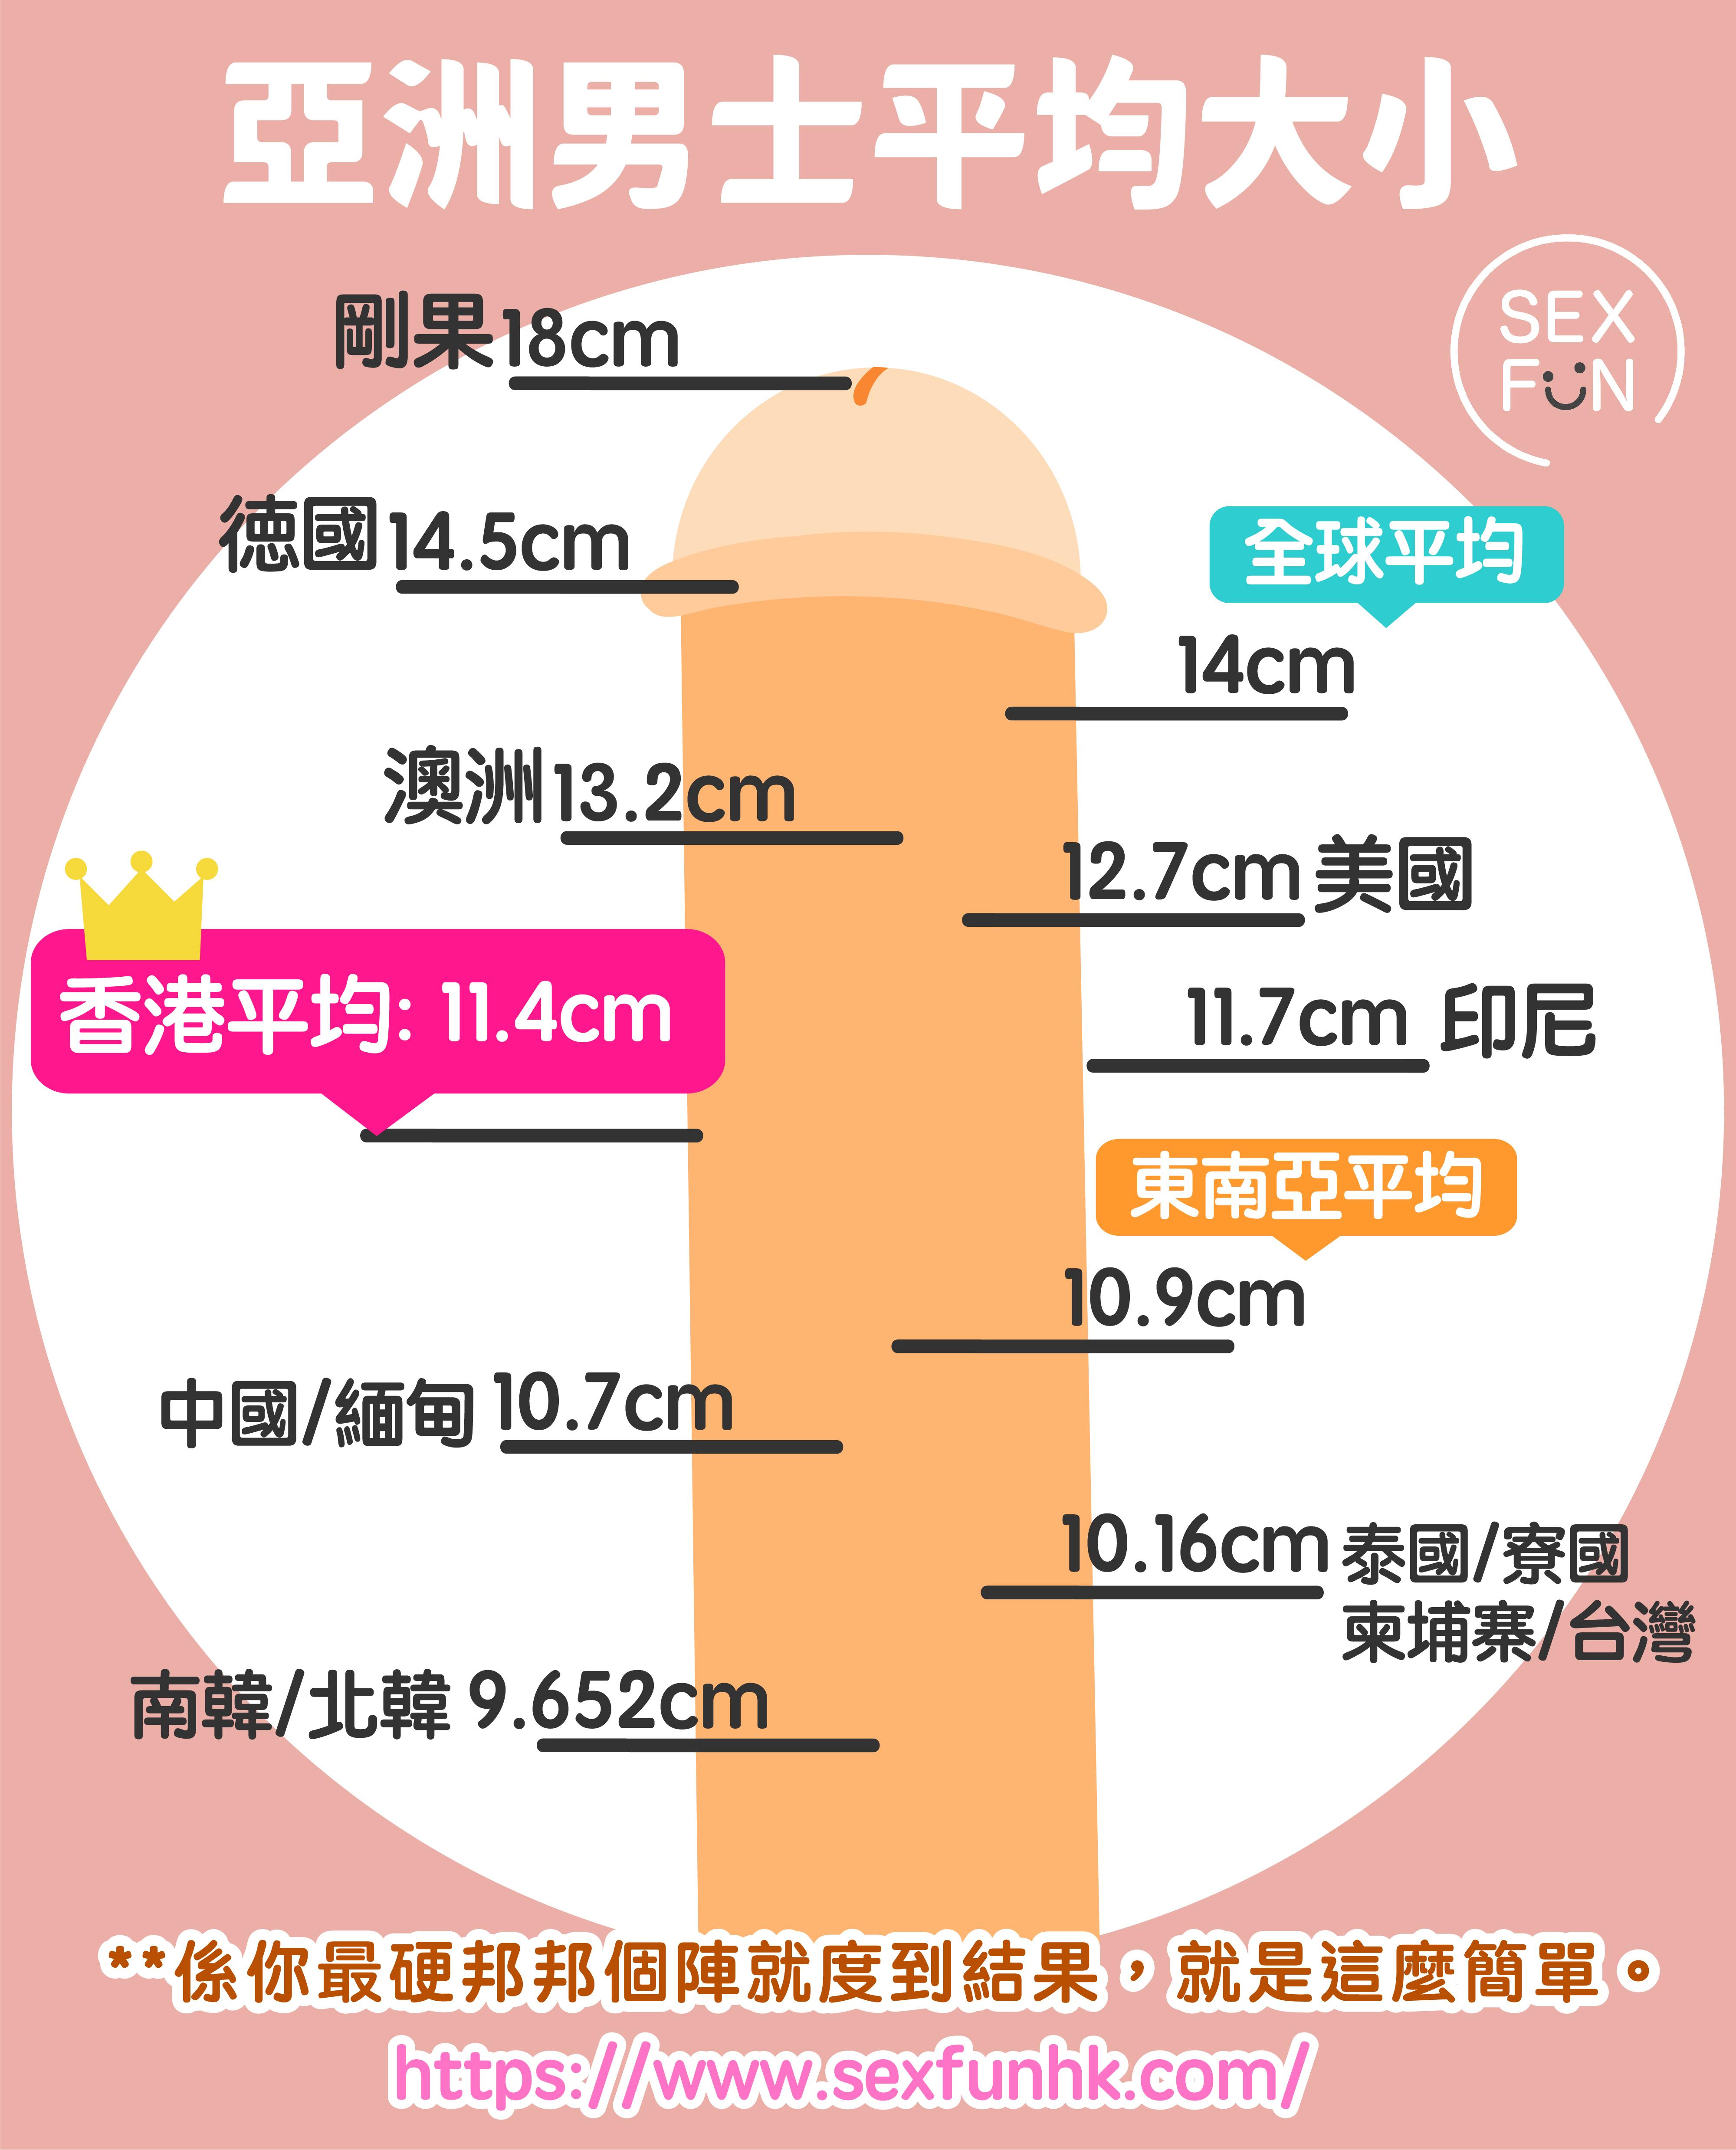 亞洲男士平均大小